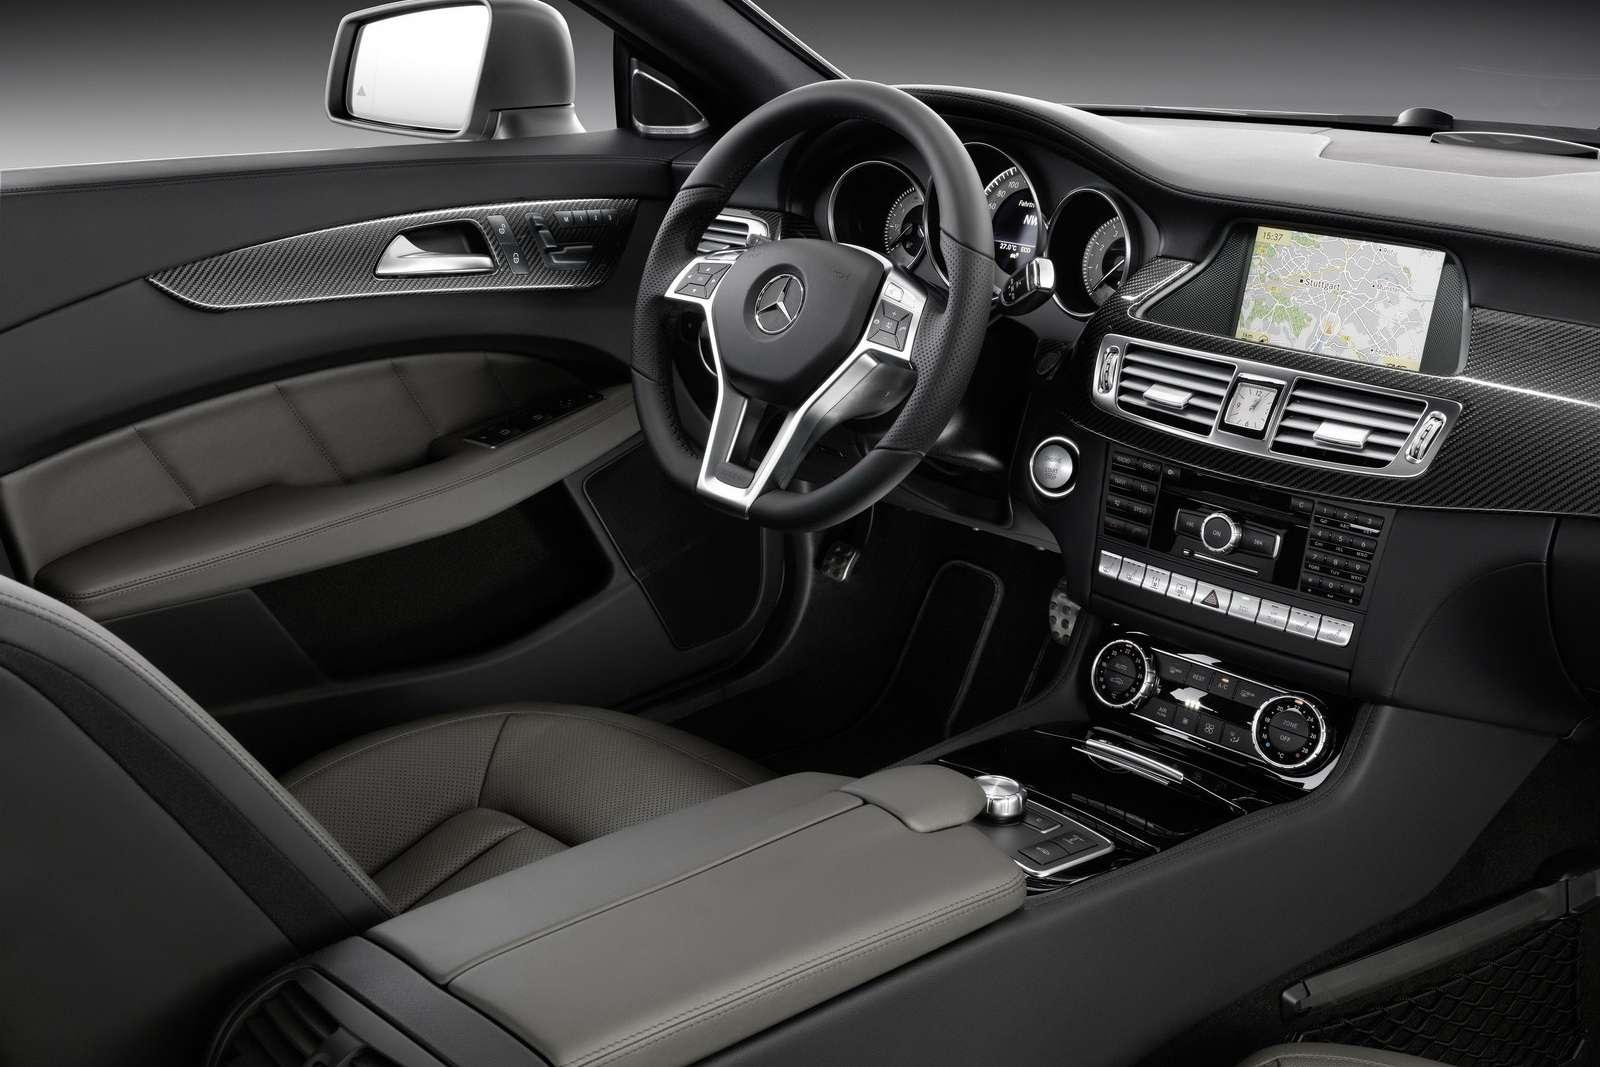 Mercedes CLS 50 zdjec sierpien 2010